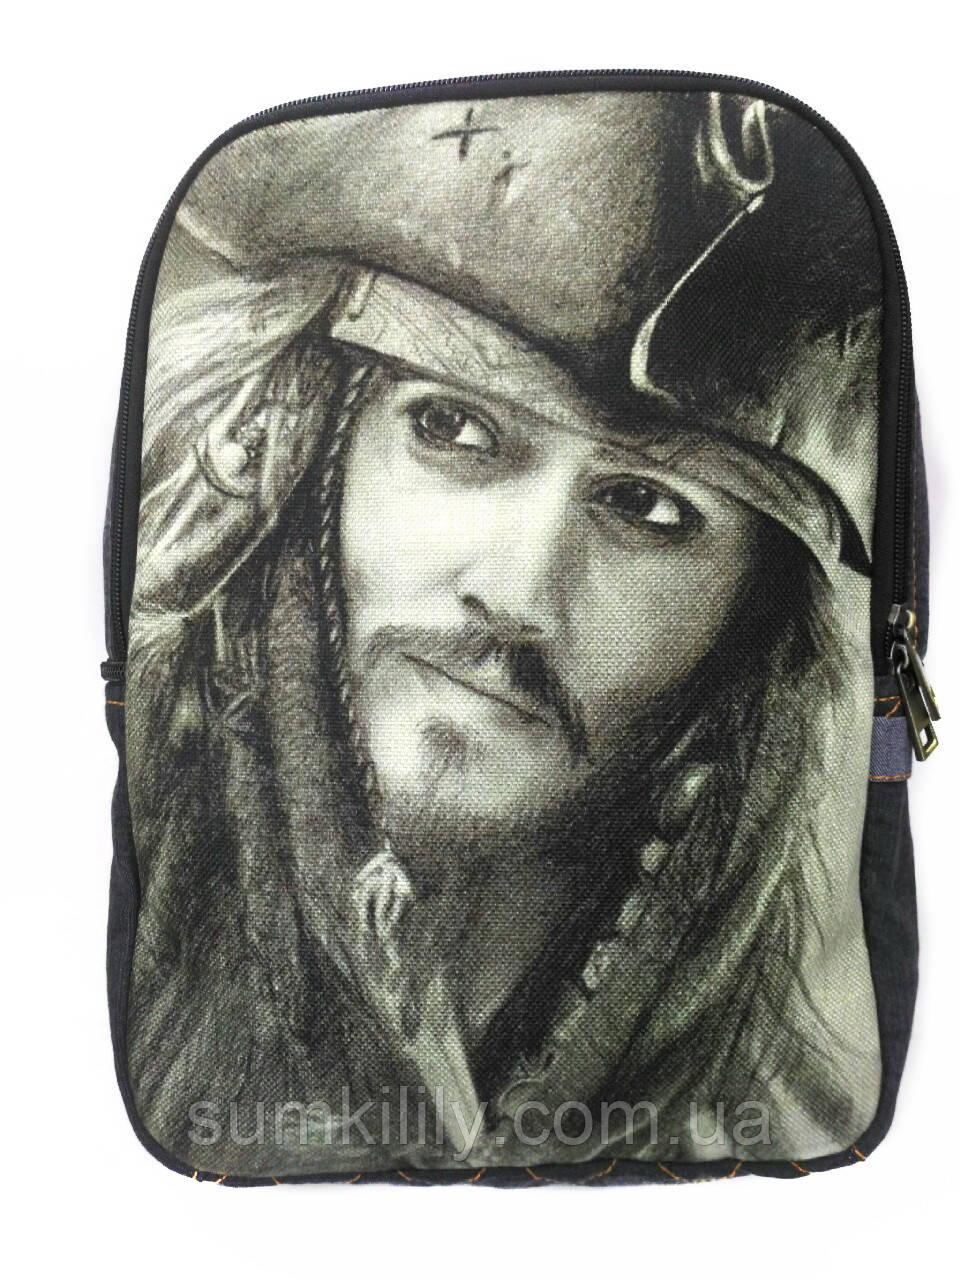 Джинсовый рюкзак Джек